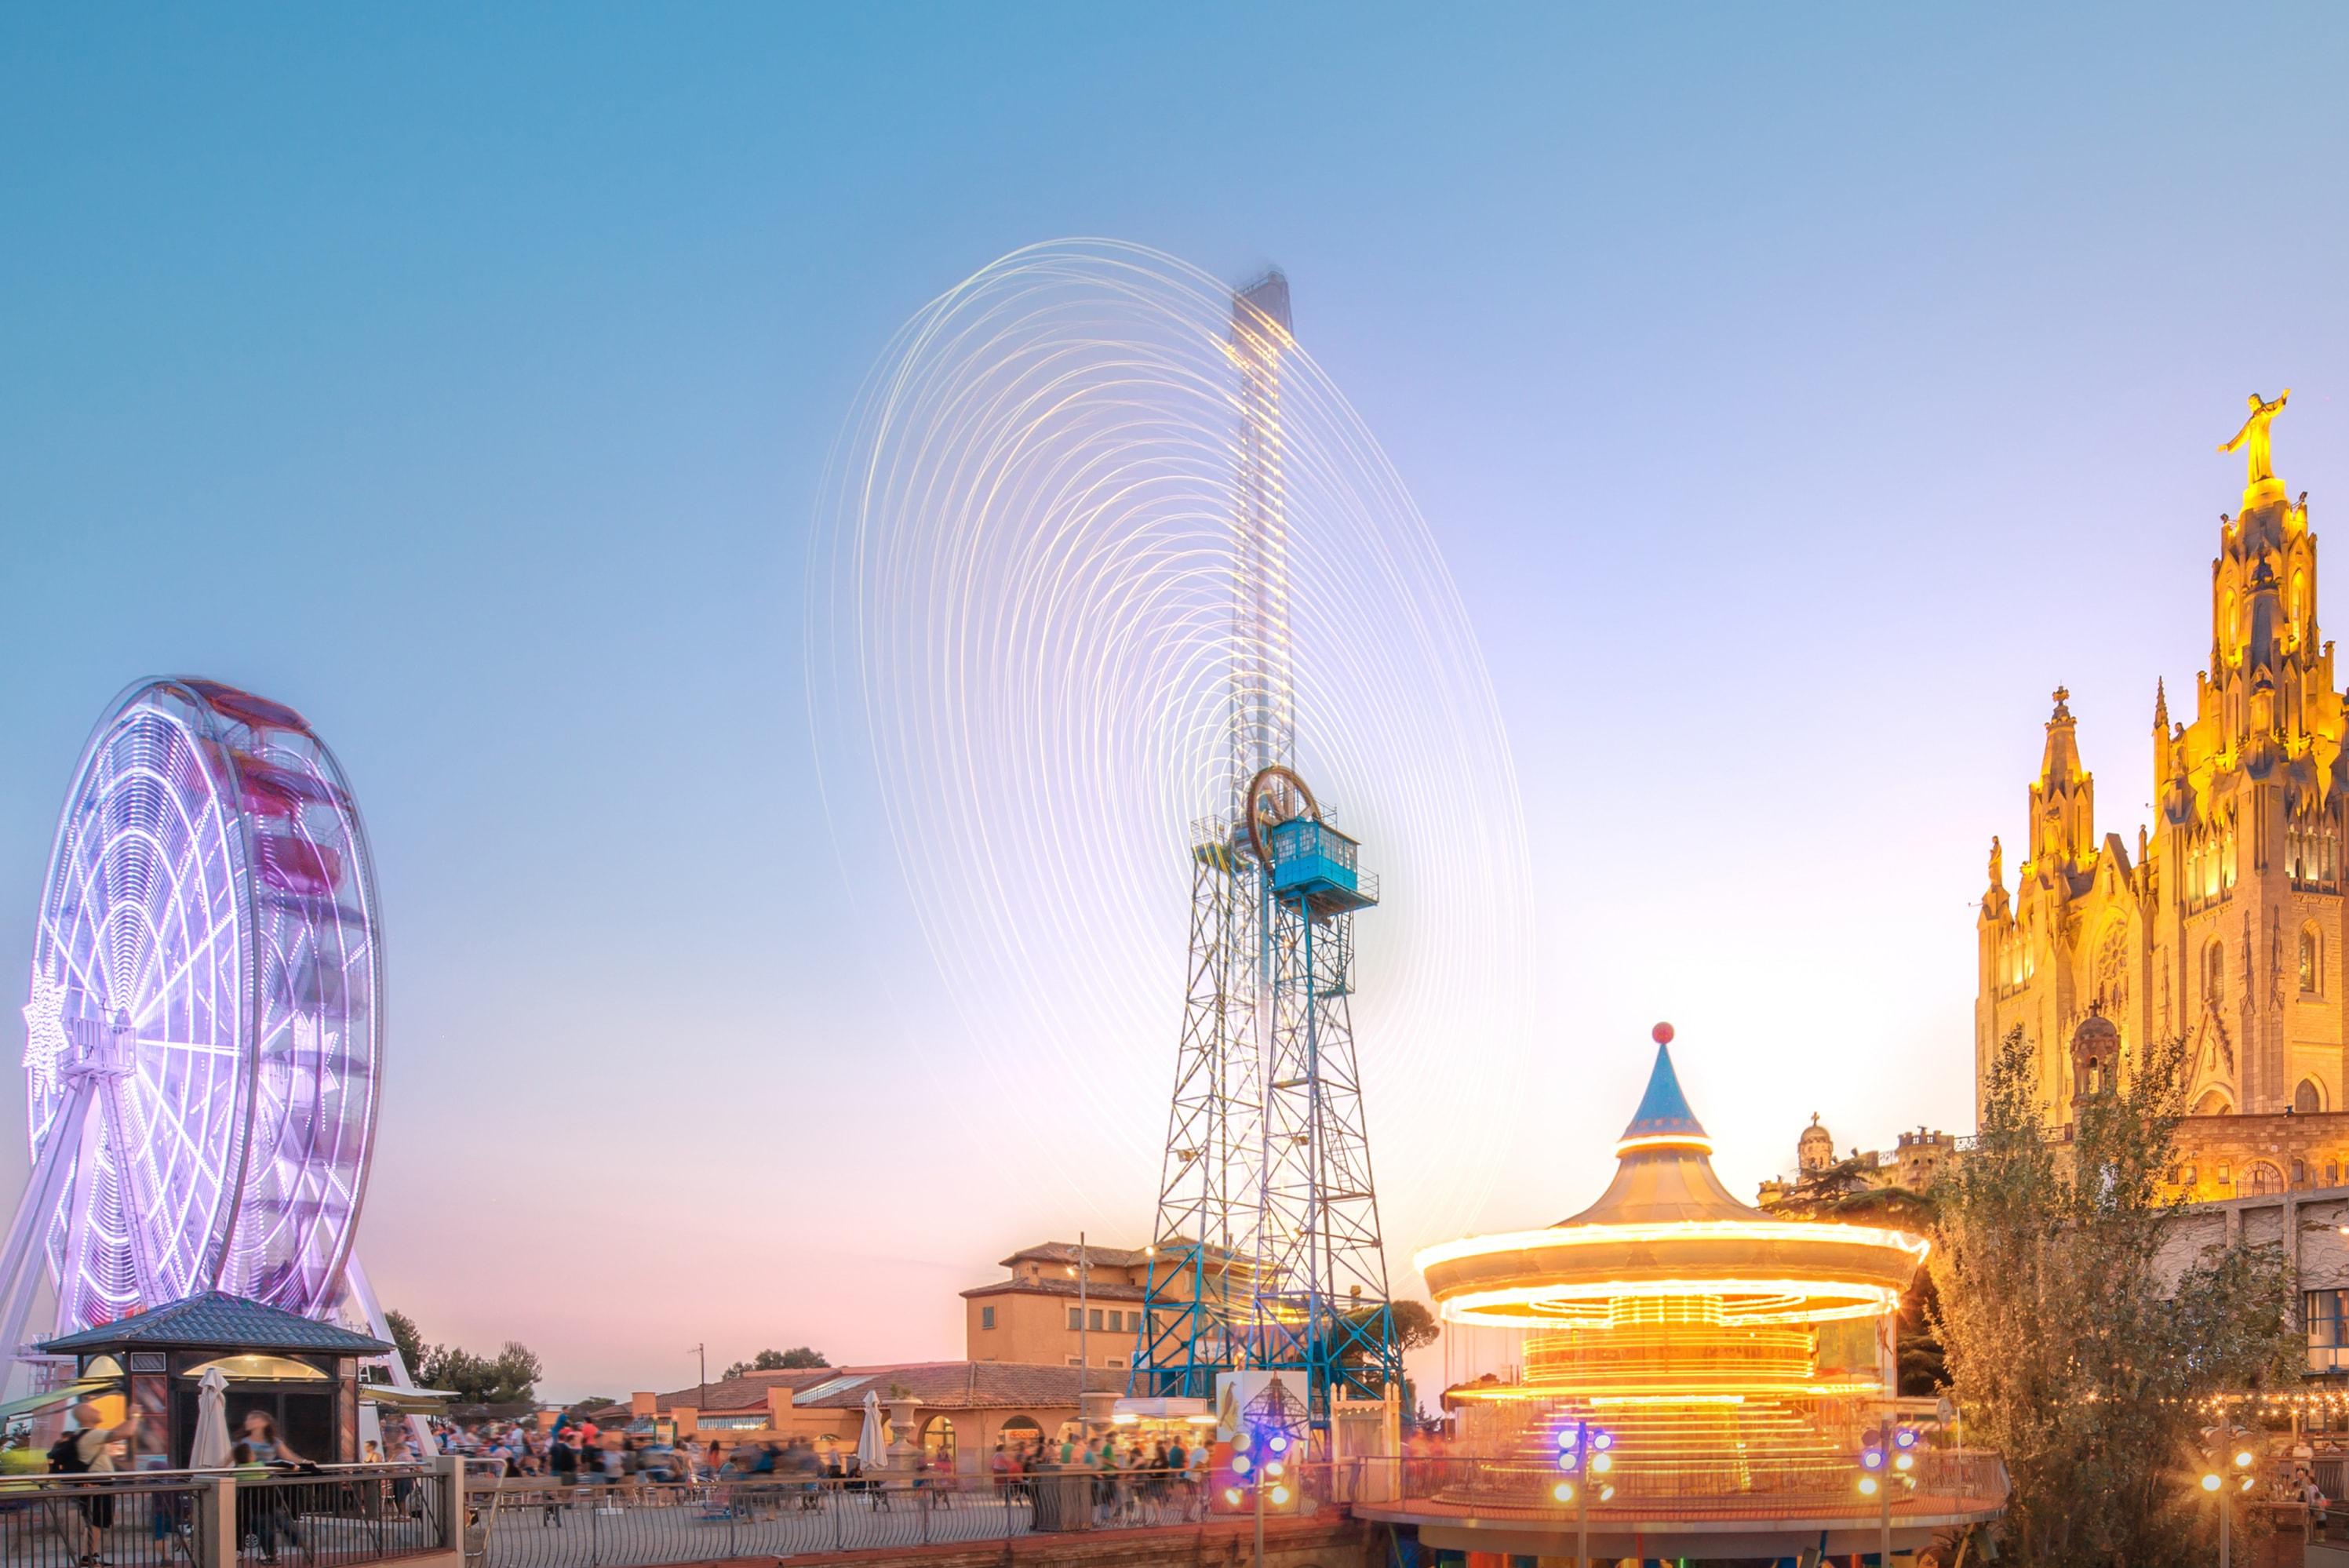 Parque de diversões Tibiado -  Coisas para fazer em Barcelona